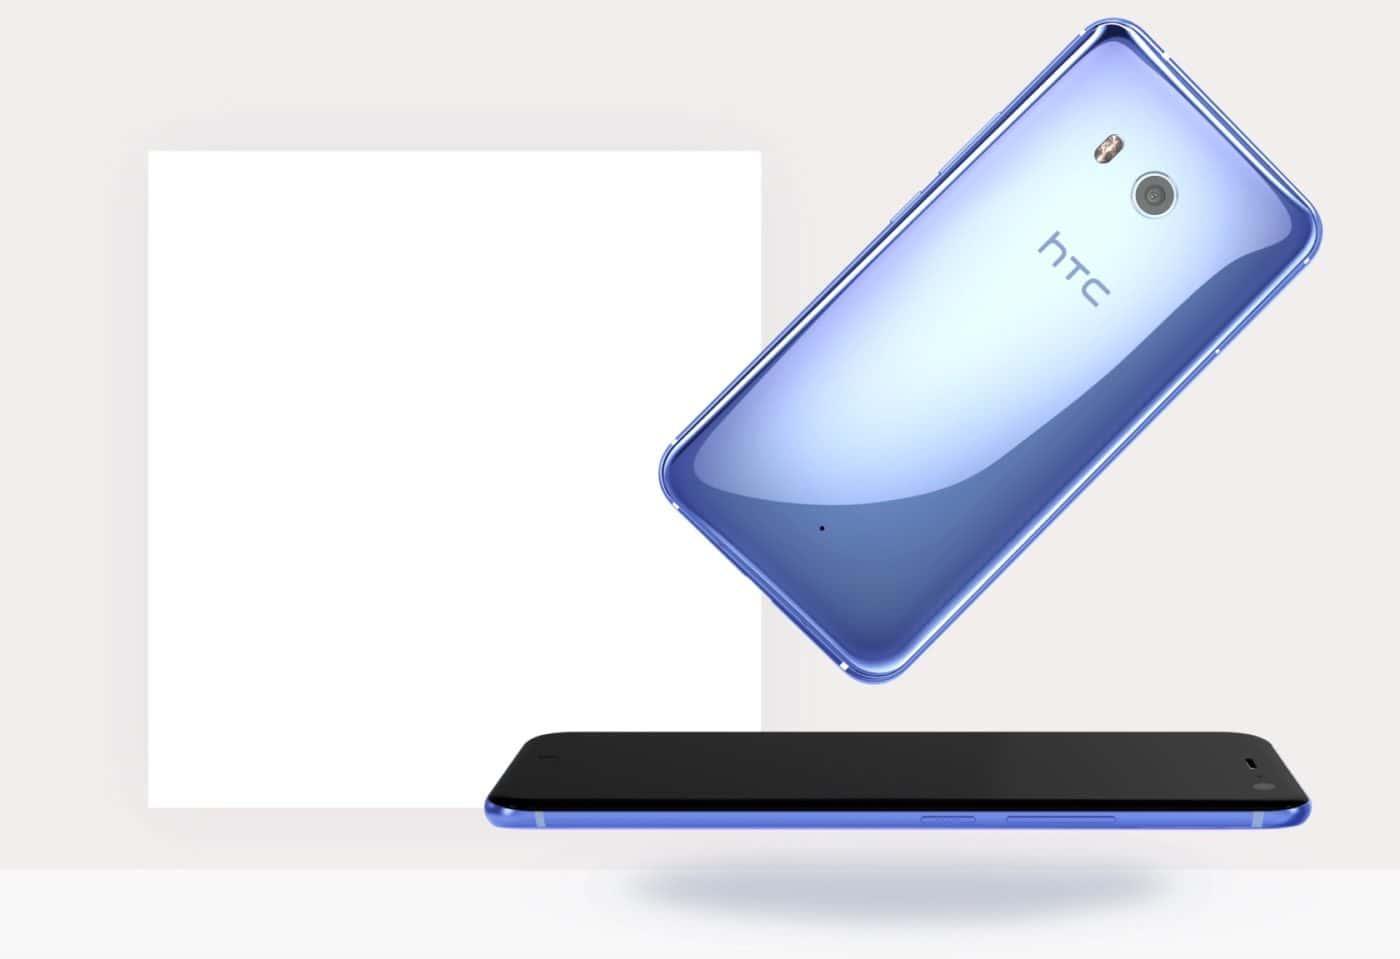 HTC Finally Reveals The U11, And It's Shiny Like The U Ultra 3